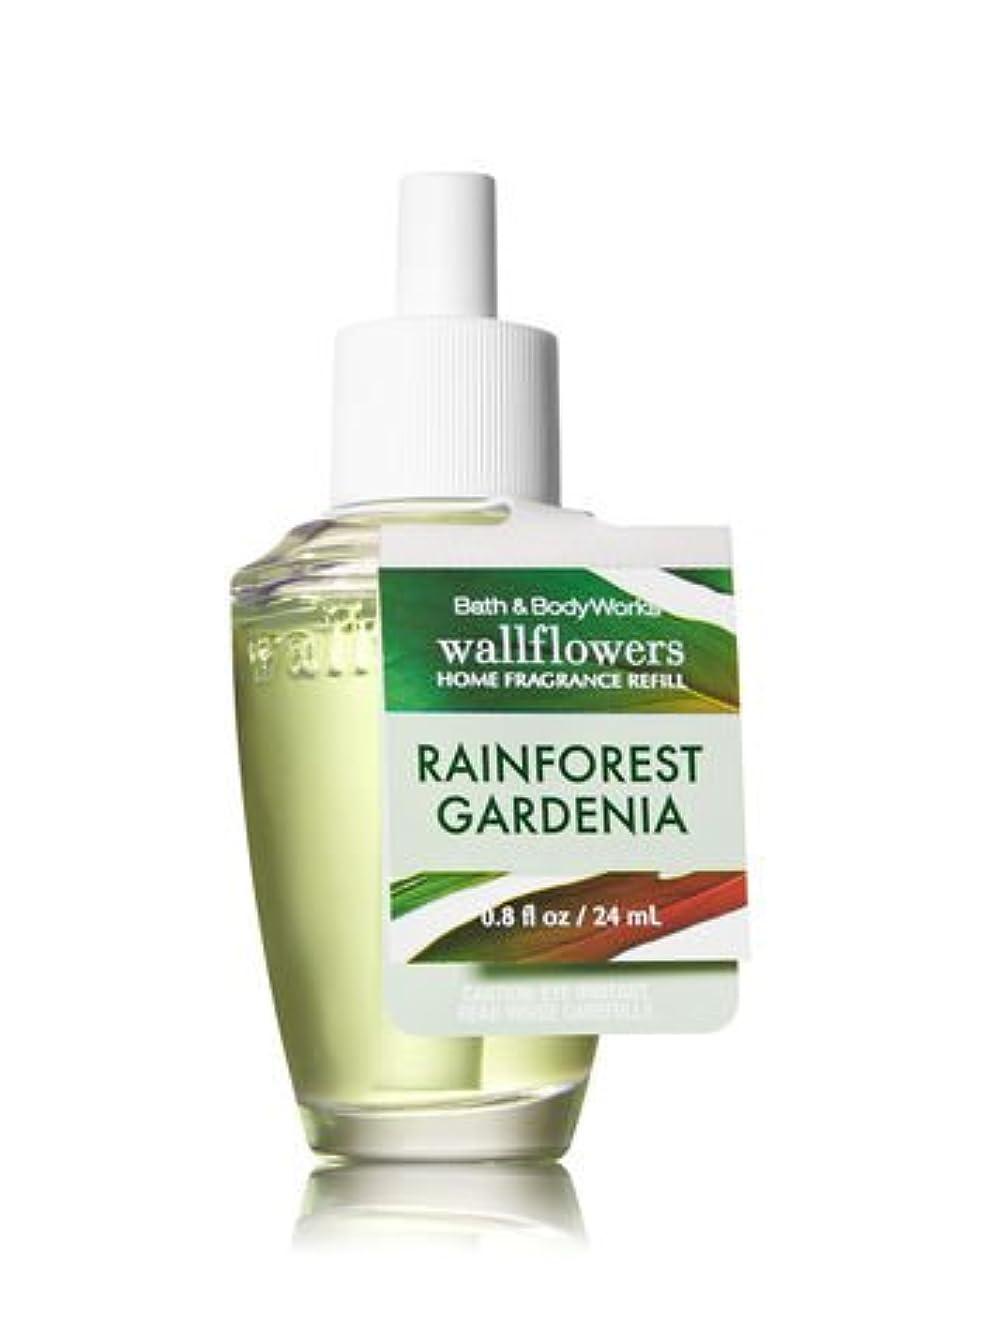 アボートアニメーション接地【Bath&Body Works/バス&ボディワークス】 ルームフレグランス 詰替えリフィル レインフォレストガーデニア Wallflowers Home Fragrance Refill Rainforest Gardenia [並行輸入品]